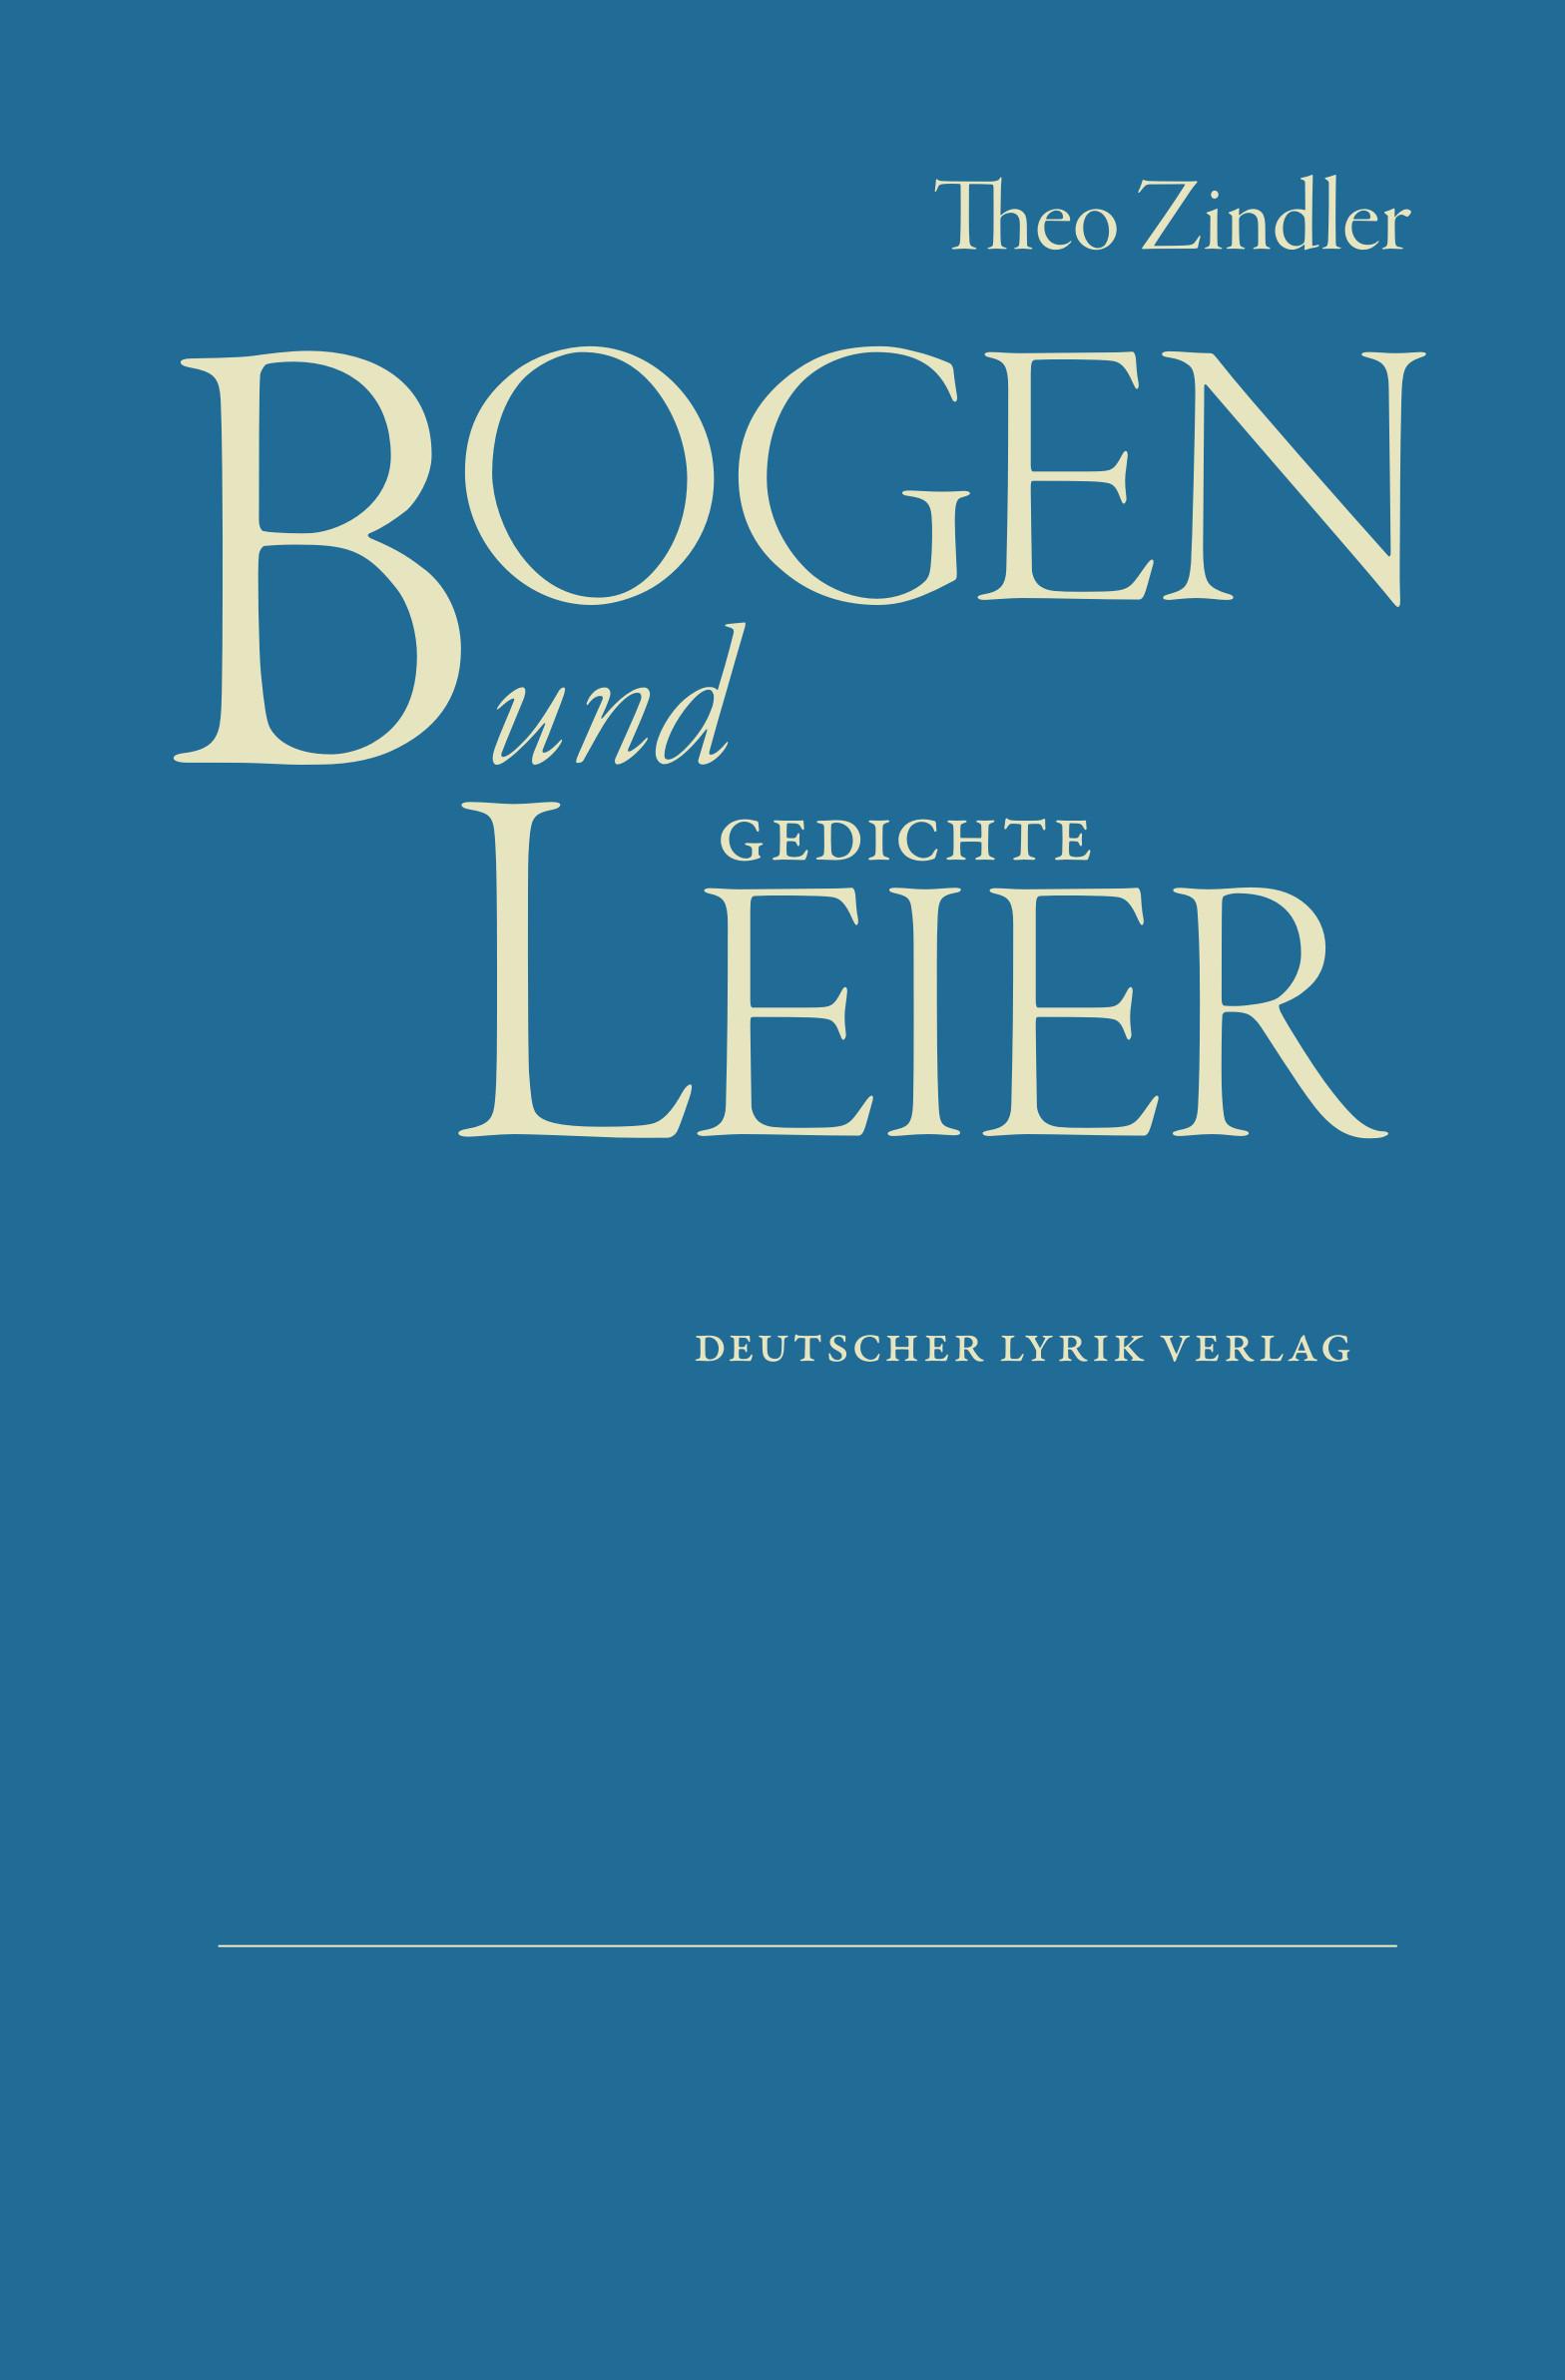 Bogen-und-Leier-Theo-Zindler